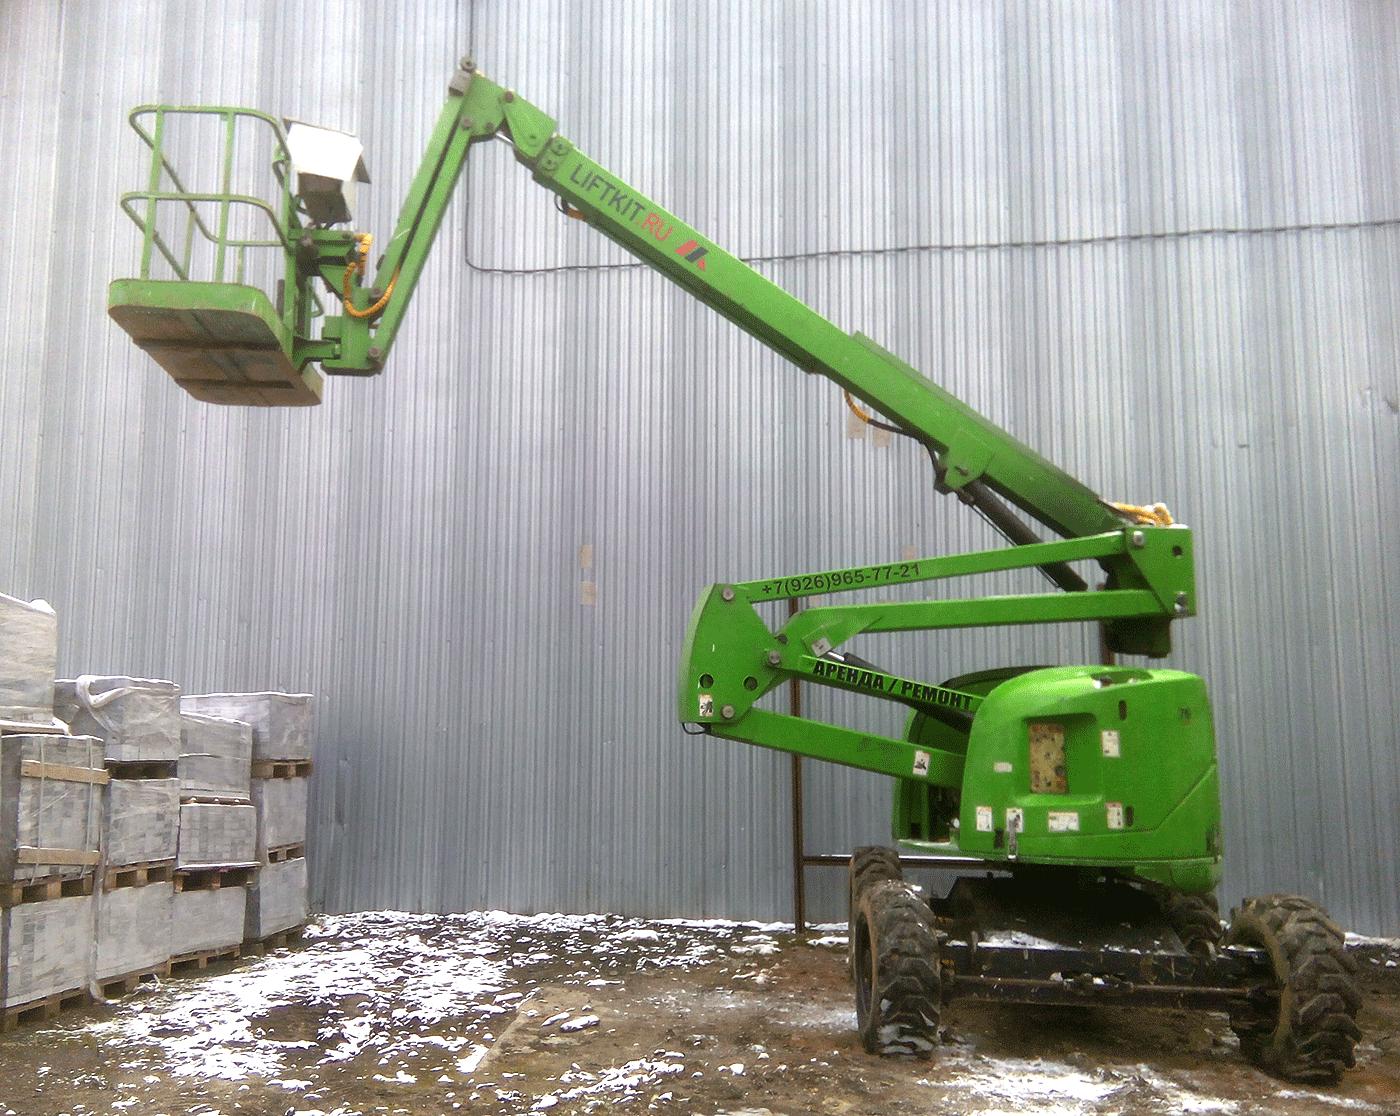 Коленчатый дизельный подъемник Haulotte 18 px